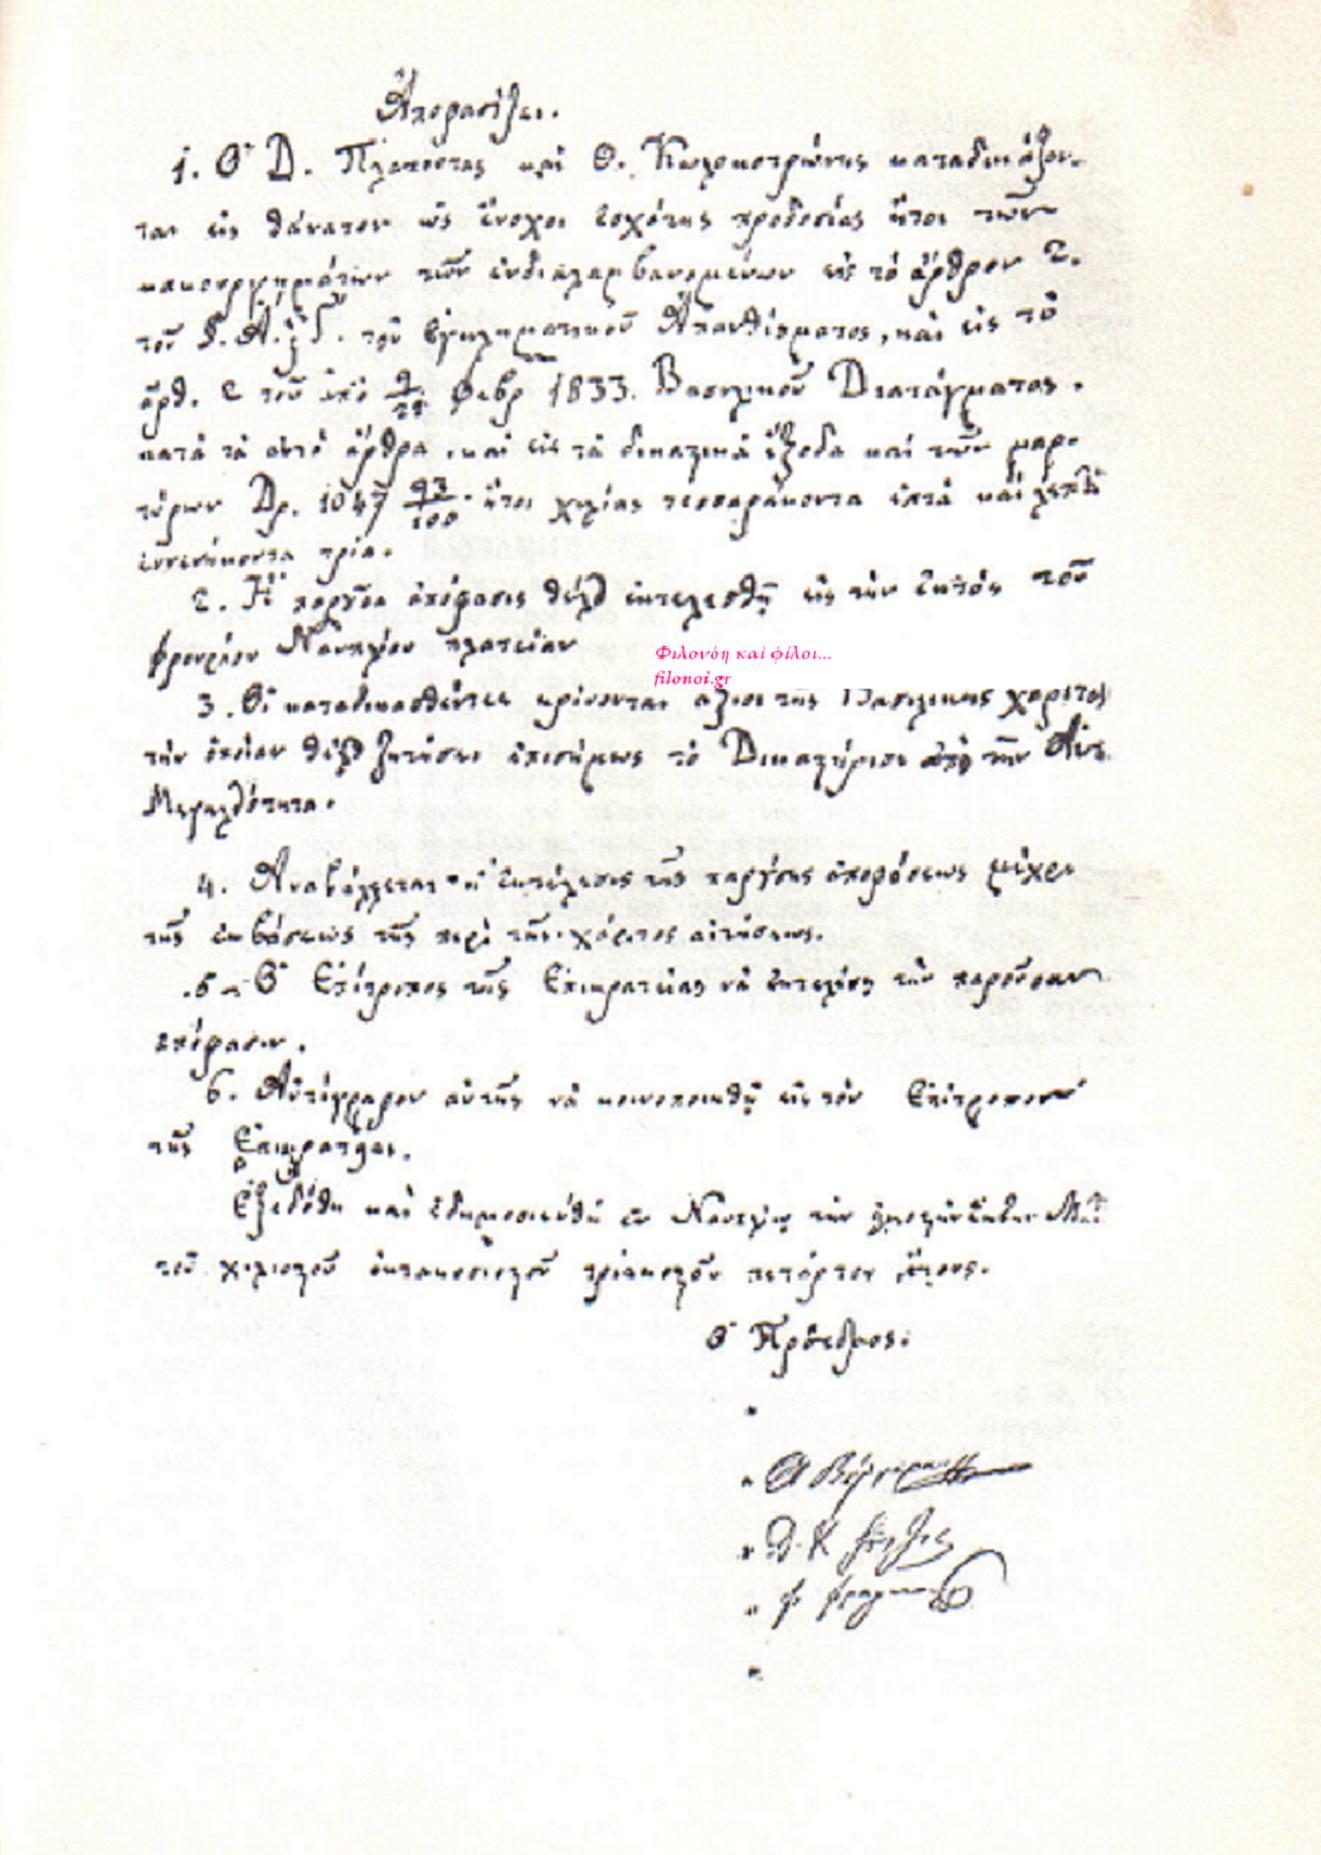 26 Μαΐου 1834. Ἡ καταδίκη εἰς θάνατον τῶν Κολοκοτρώνη καὶ Πλαπούτα.